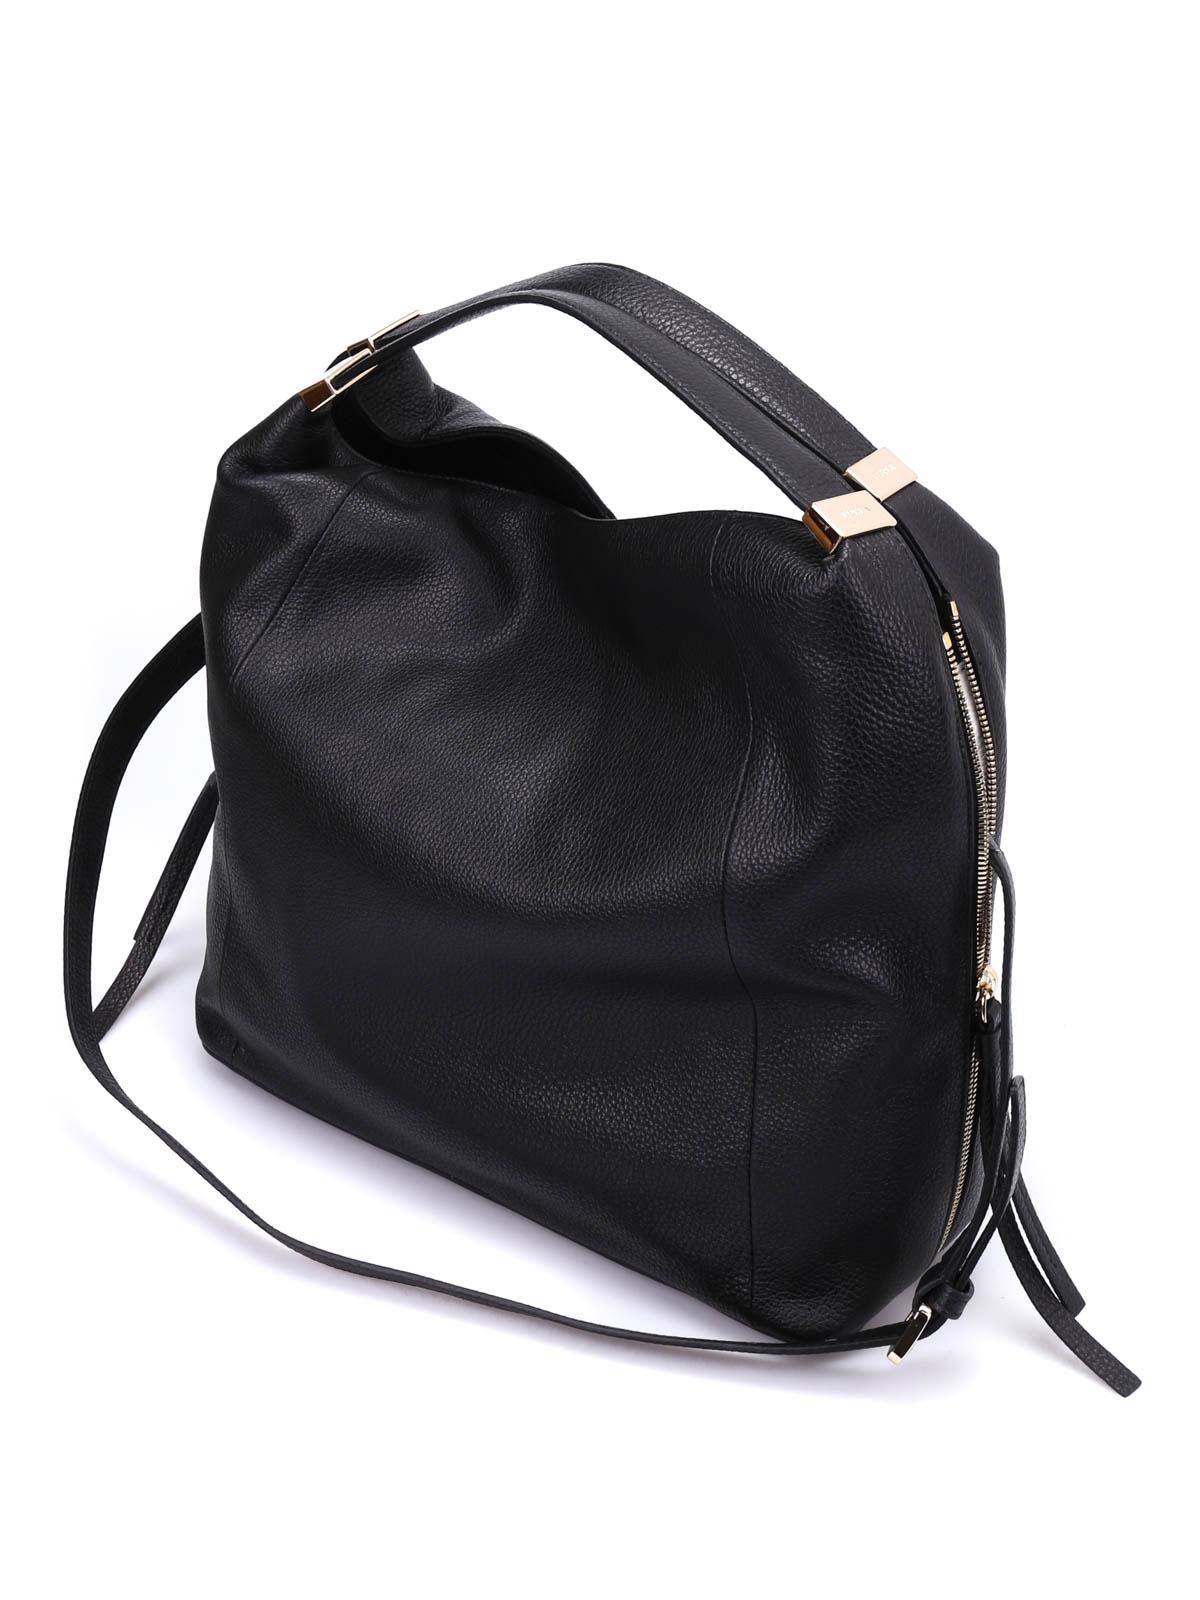 Handtasch liz schwarz von furla handtaschen ikrix - Furla tasche schwarz ...